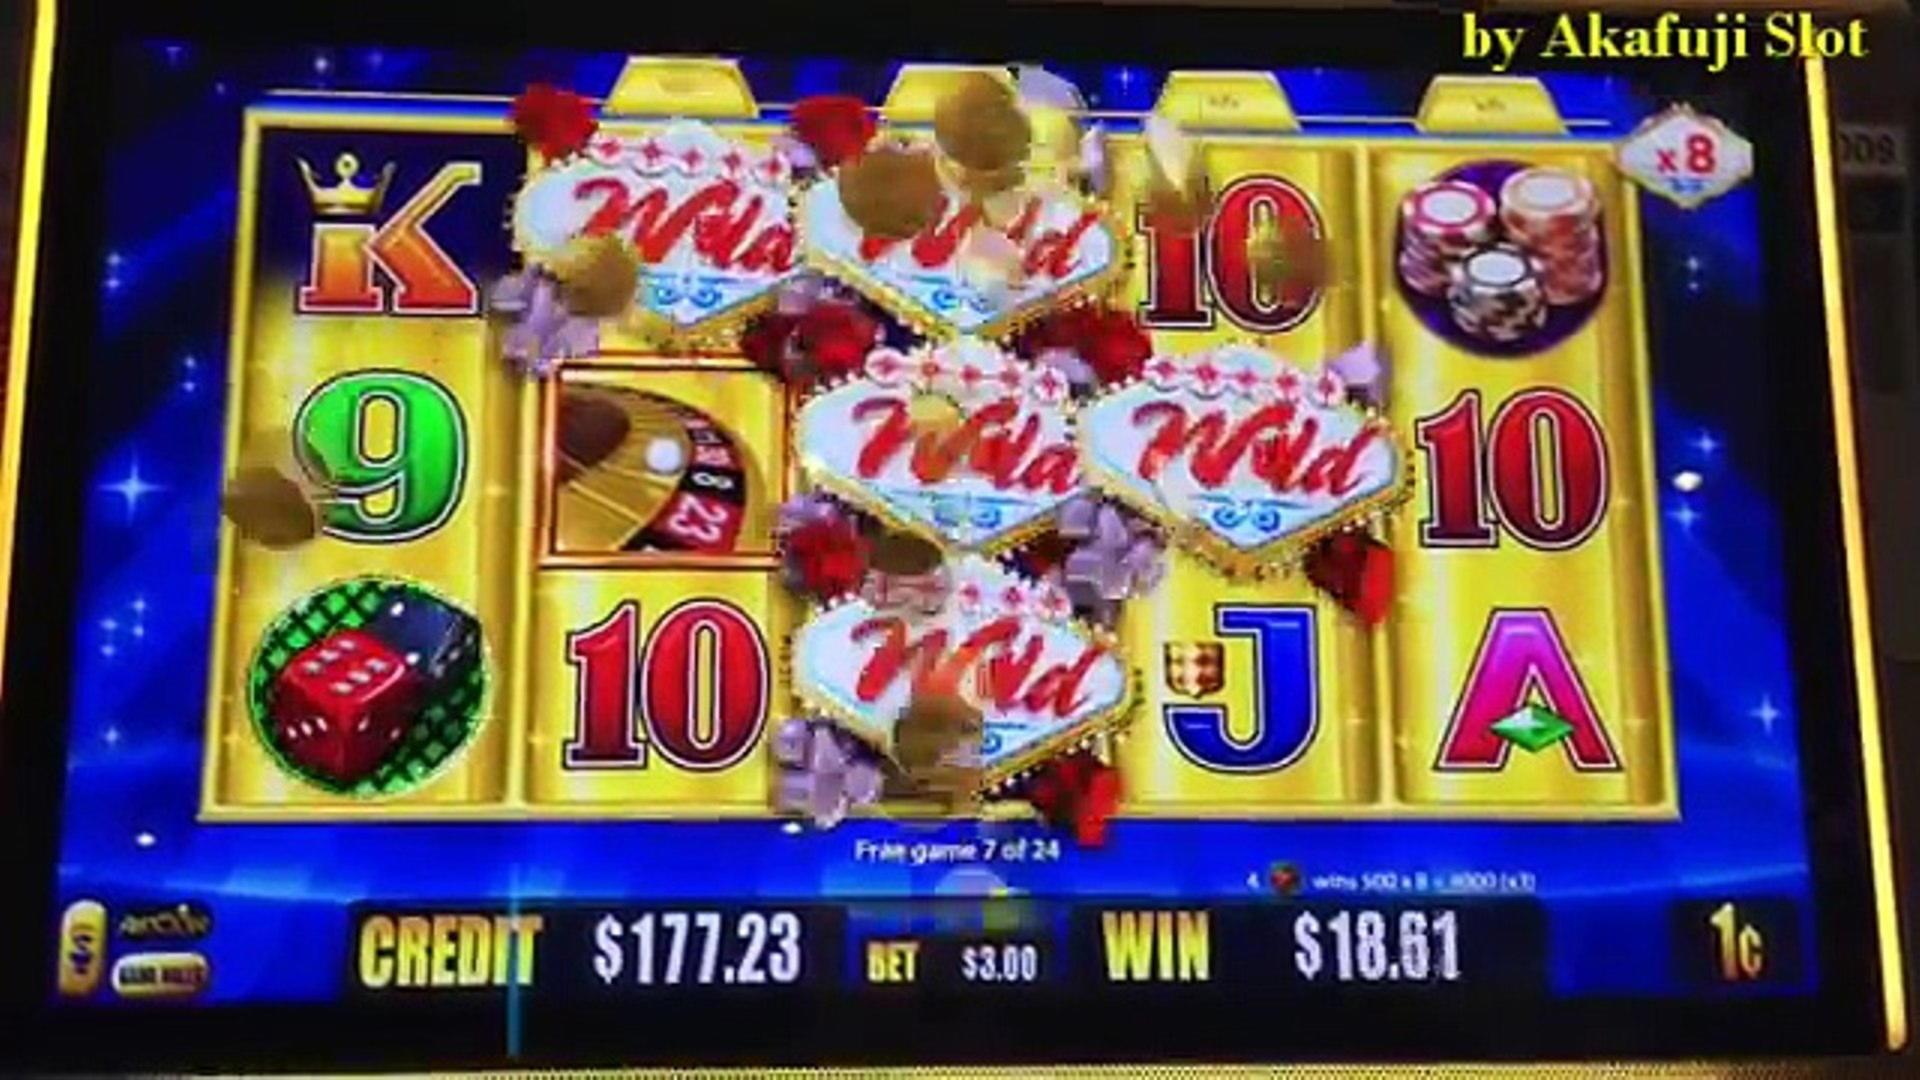 Pertandingan kasino $ 360 freeroll di Bingo Besties